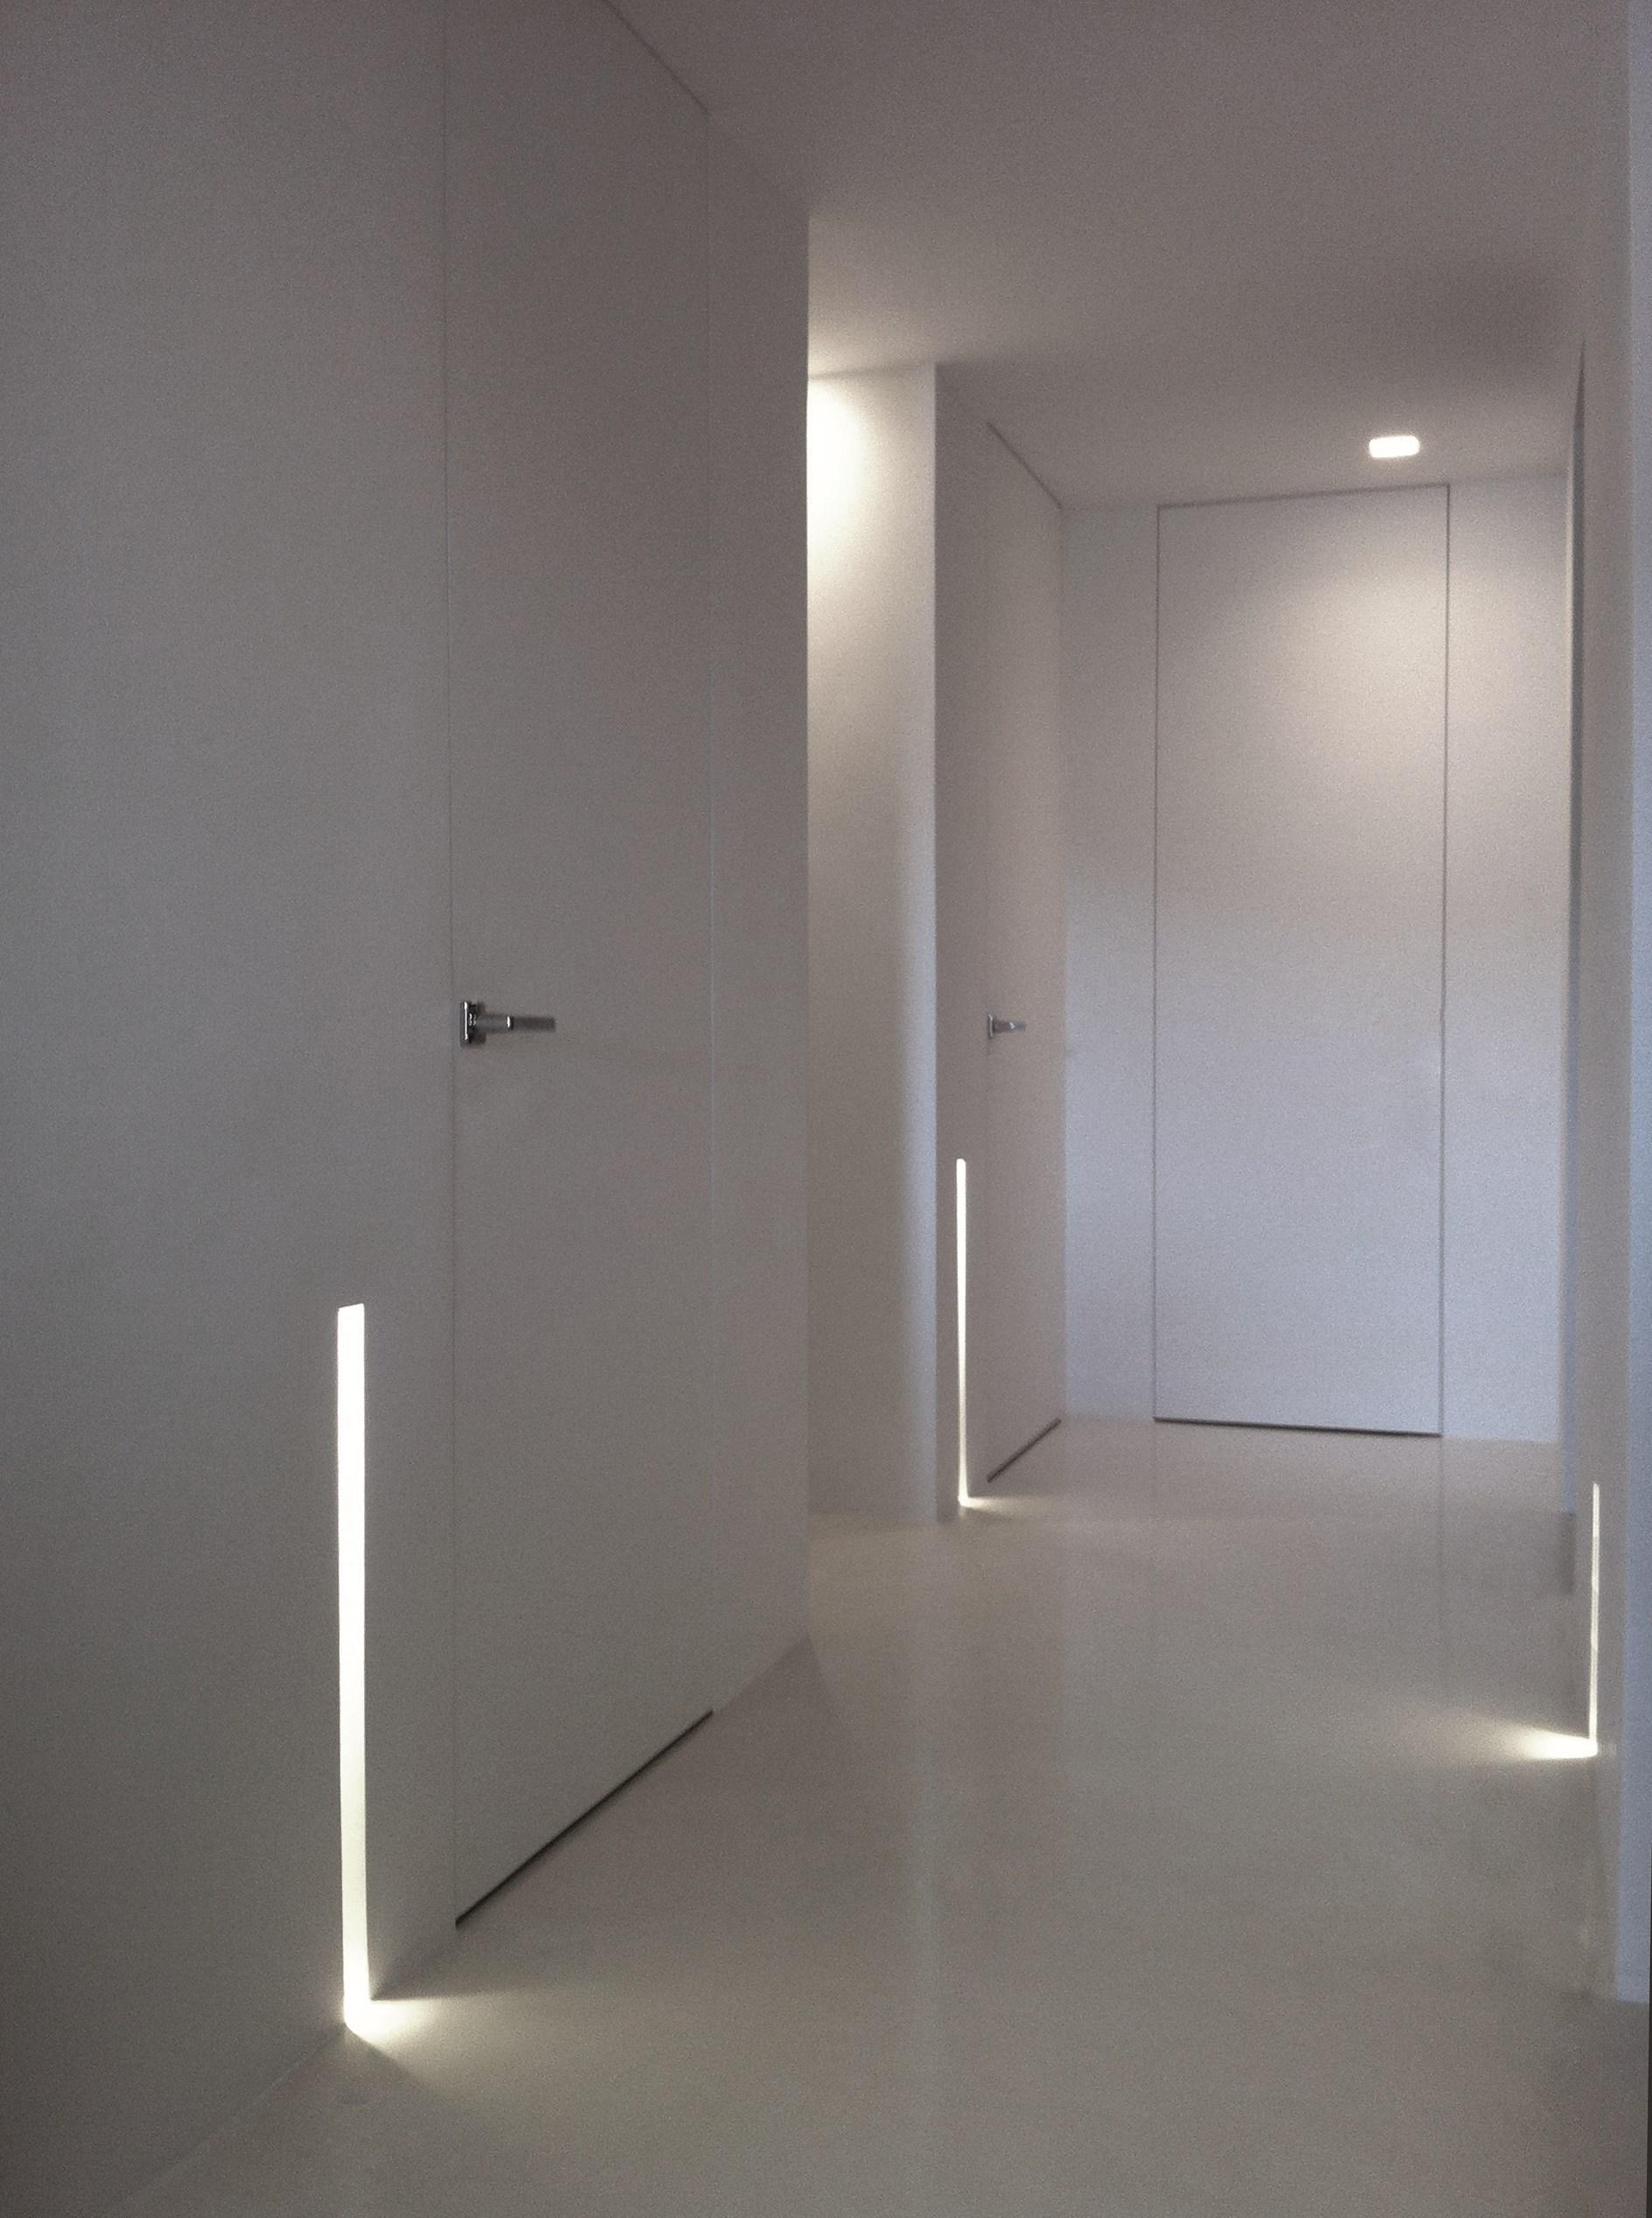 Applique esterno led design moderno: parete per esterno ...